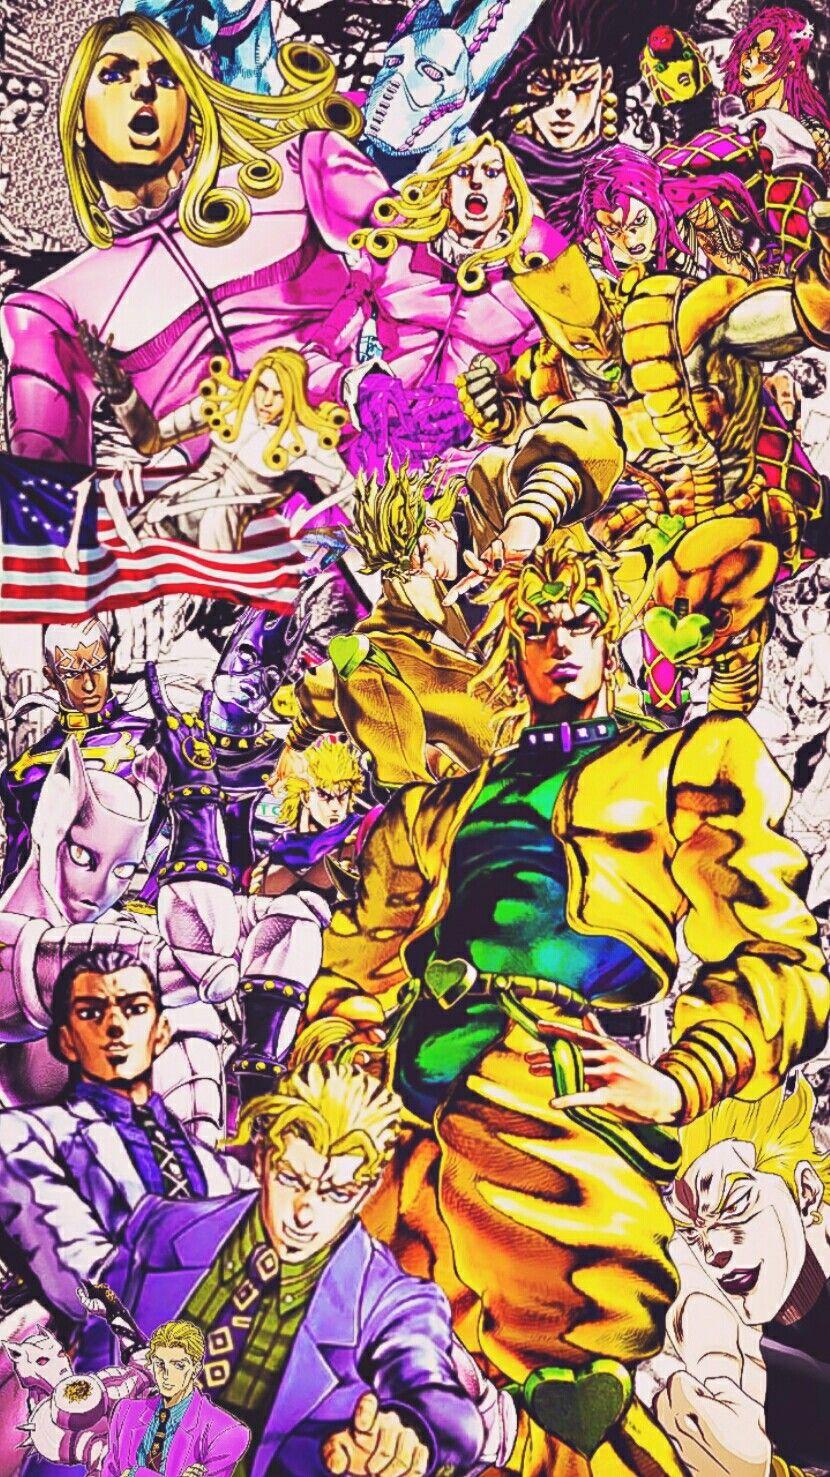 Villains imagens) Anime, Desenho, Jojo